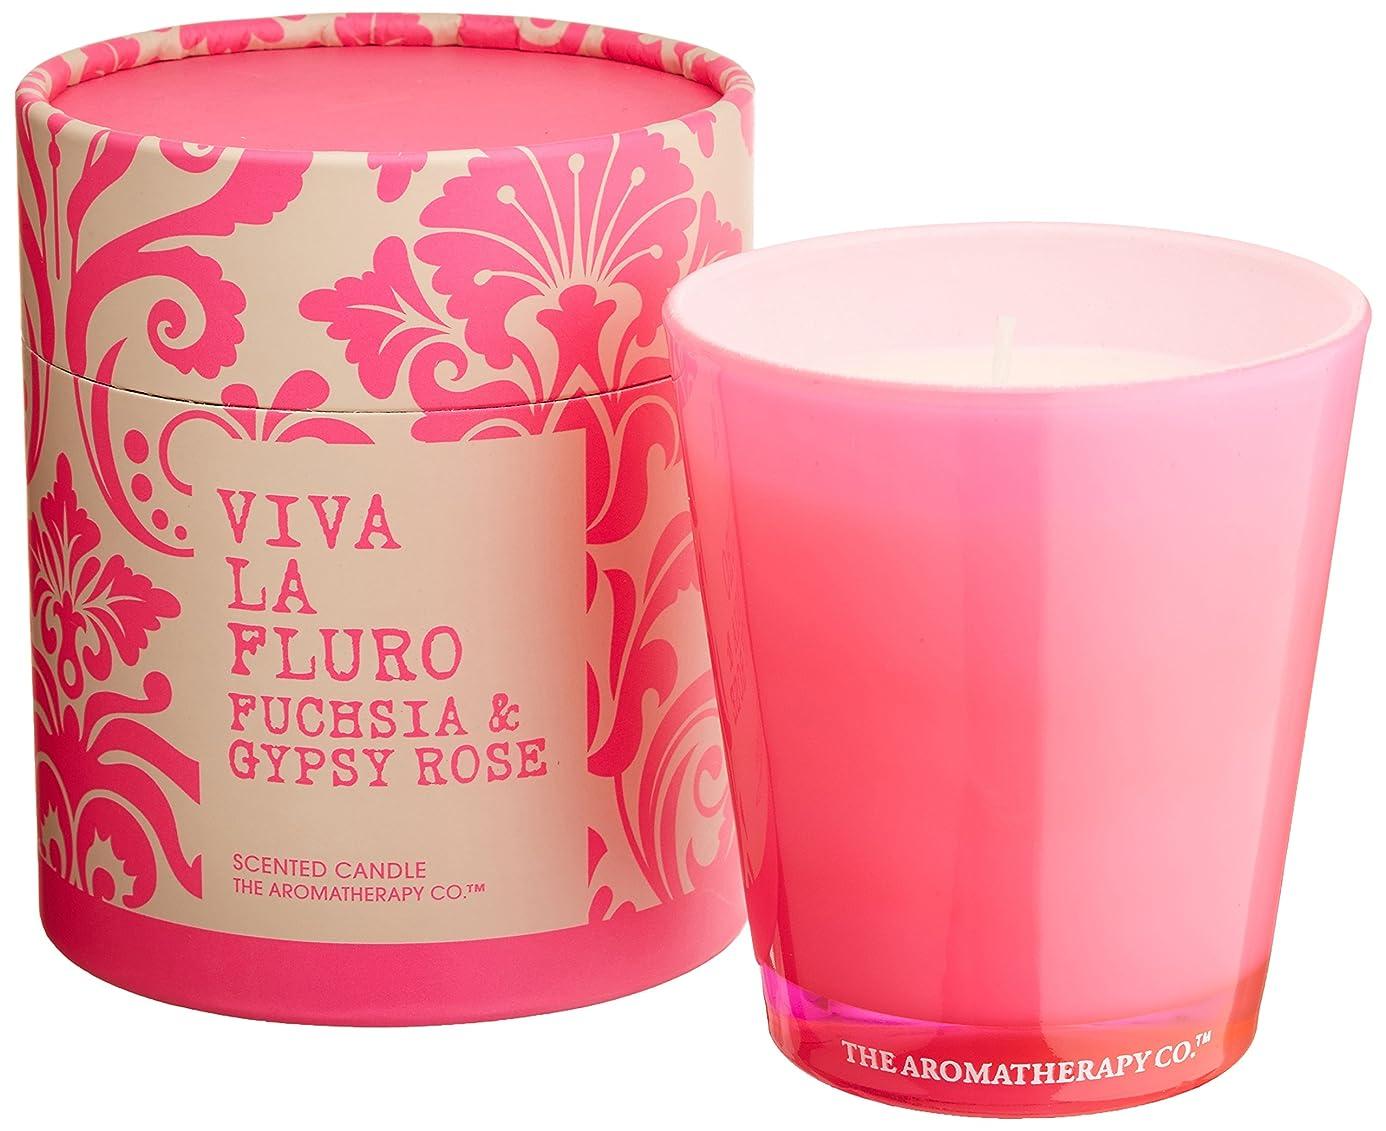 花瓶吹きさらし満州VIVA LA FLURO センティッドキャンドル フューシャ&ジプシーローズ Fuchsia&Gypsy Rose ビバ?ラ?フルーロ